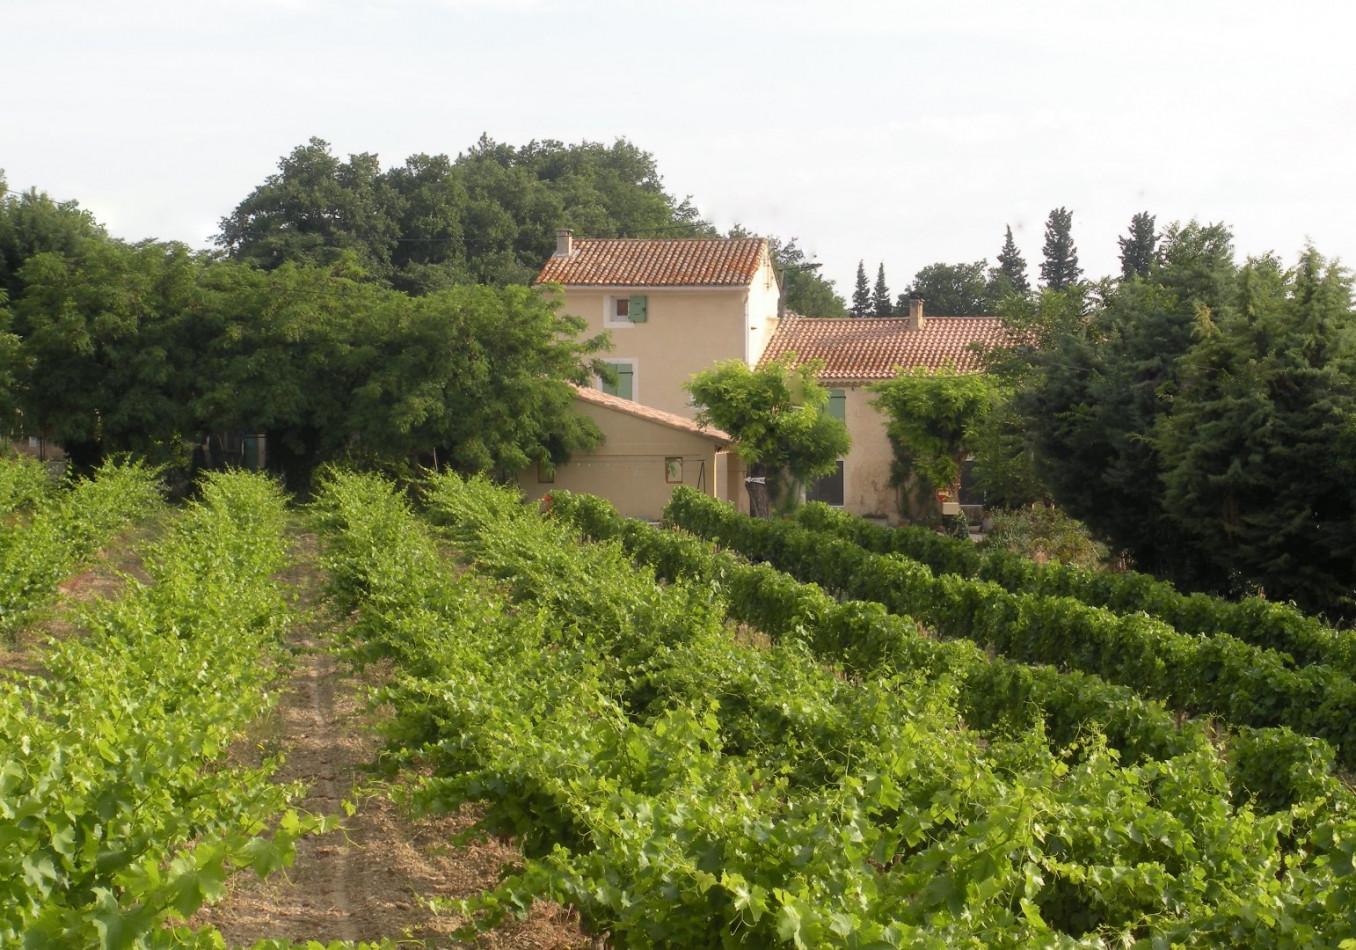 A vendre  Courthezon | Réf 1302694 - Reseau provence immobilier